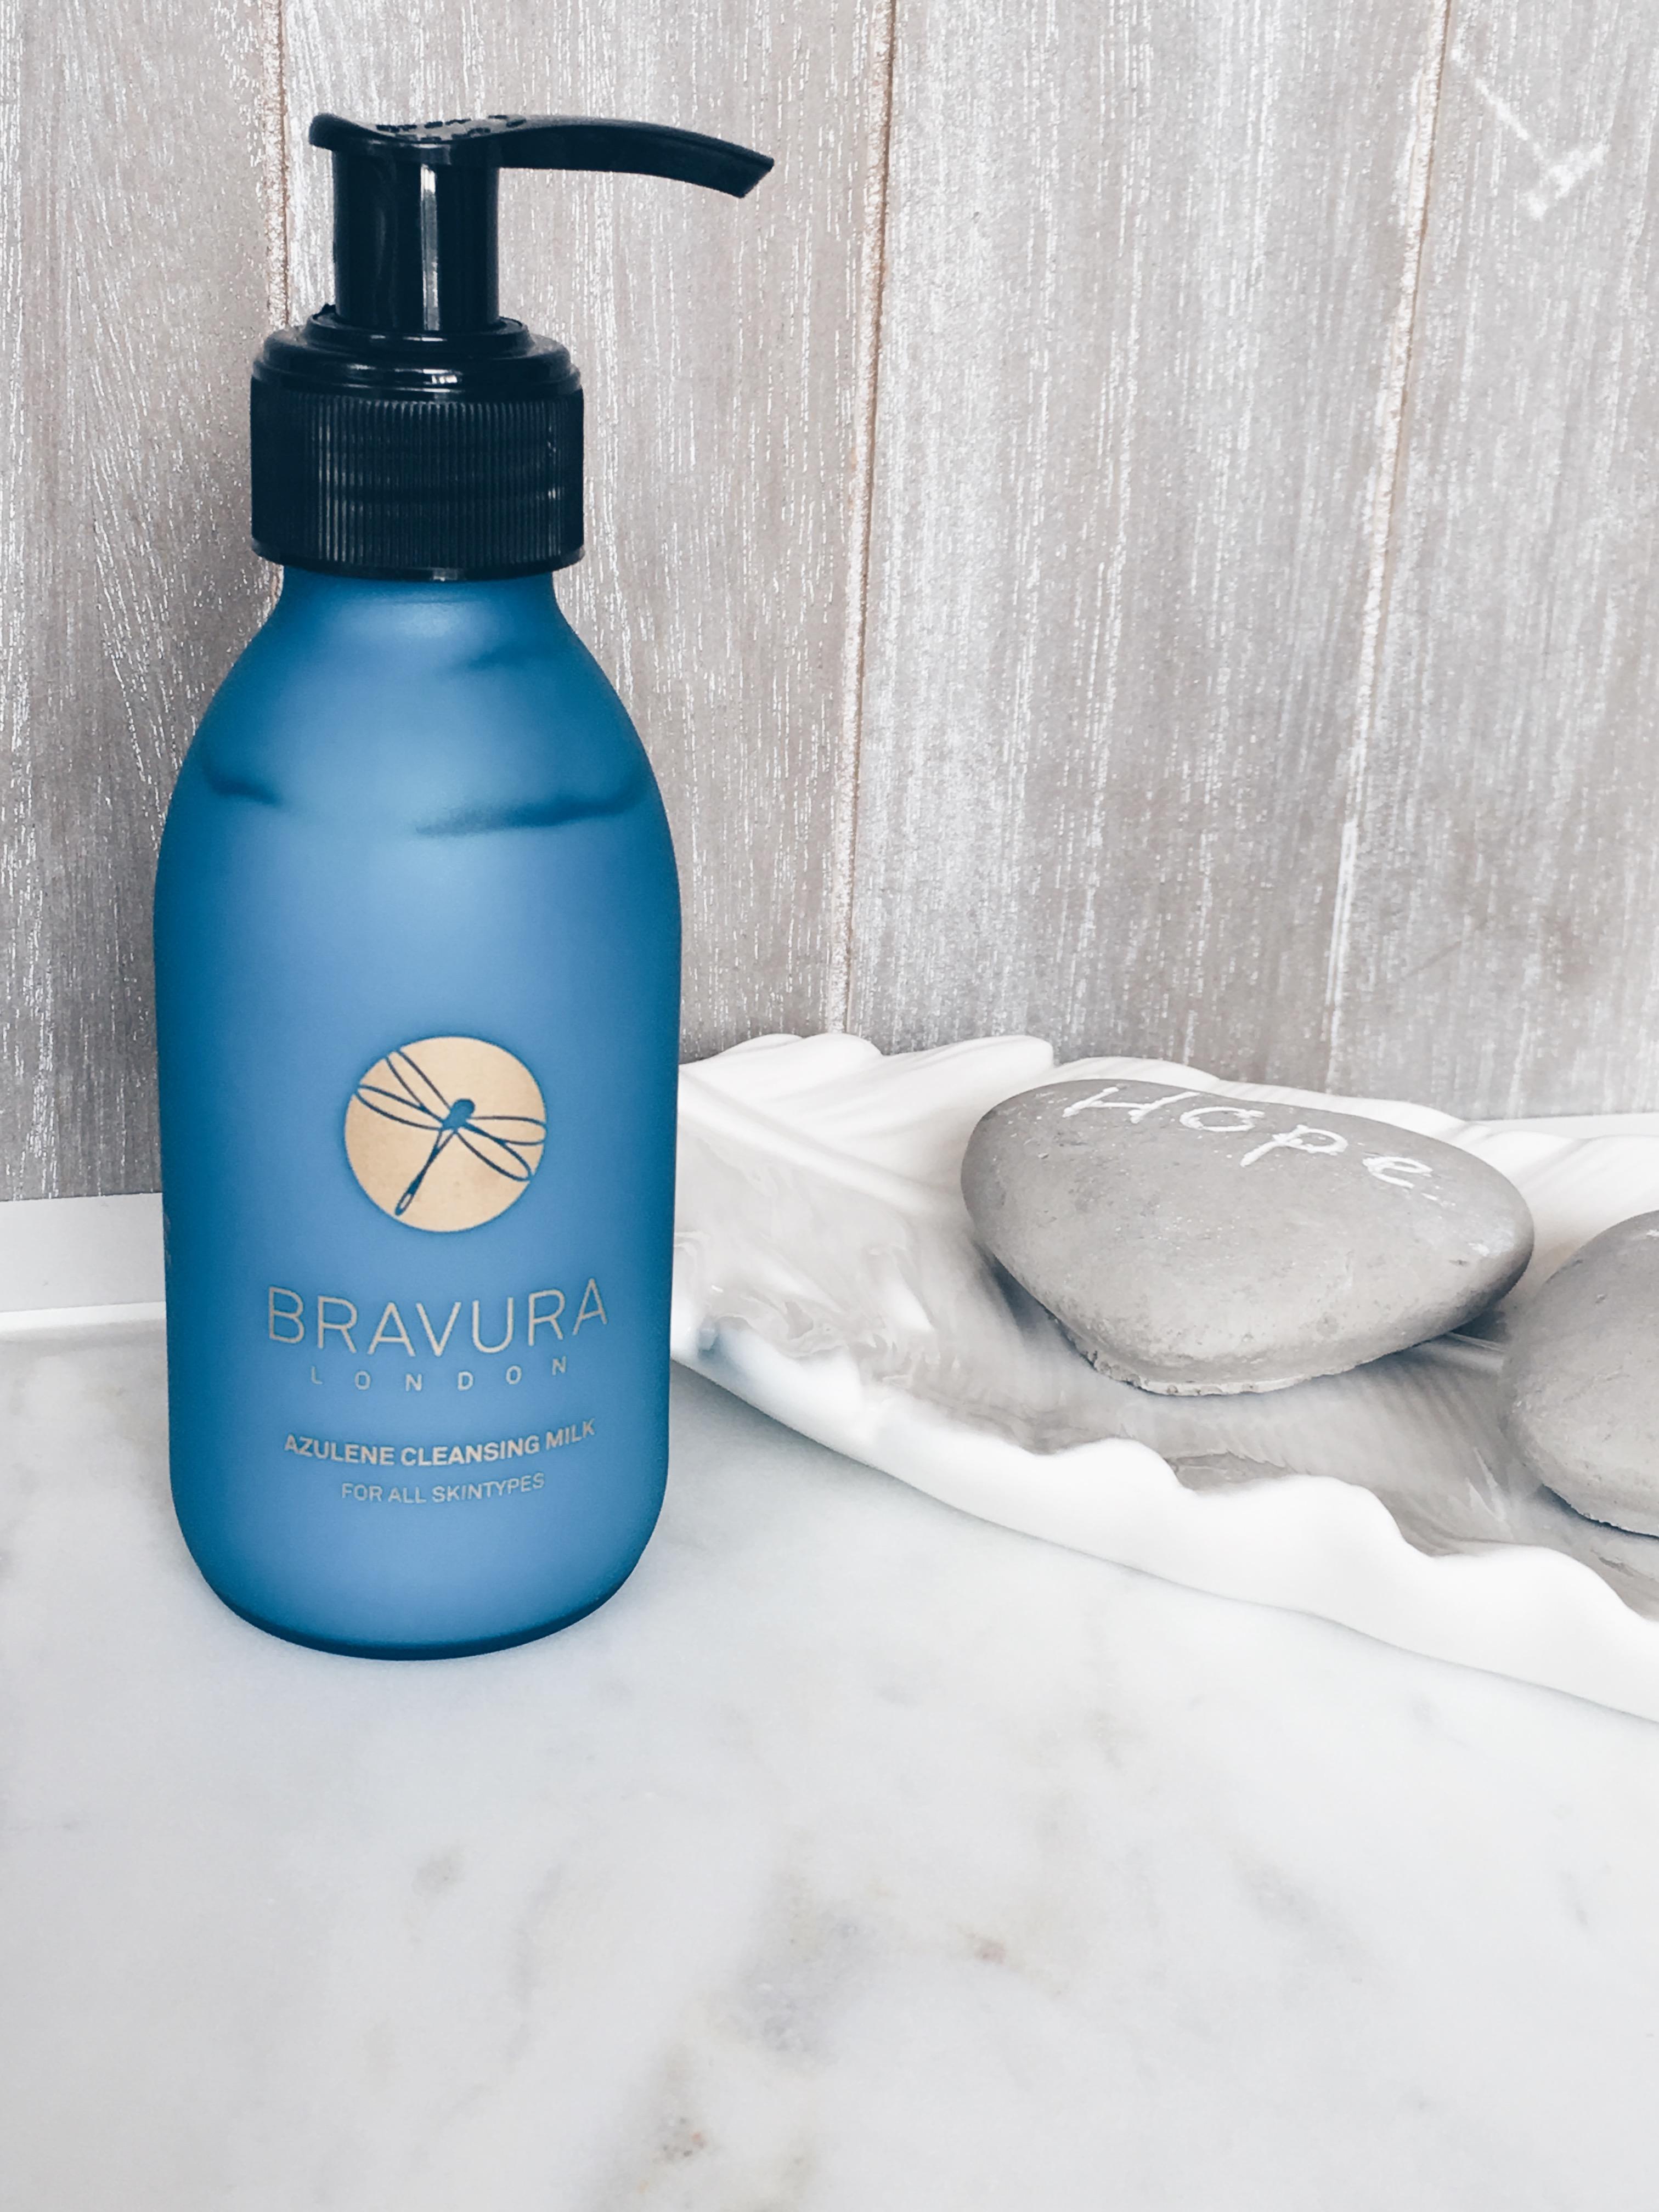 Bravura Azulene Cleansing Milk